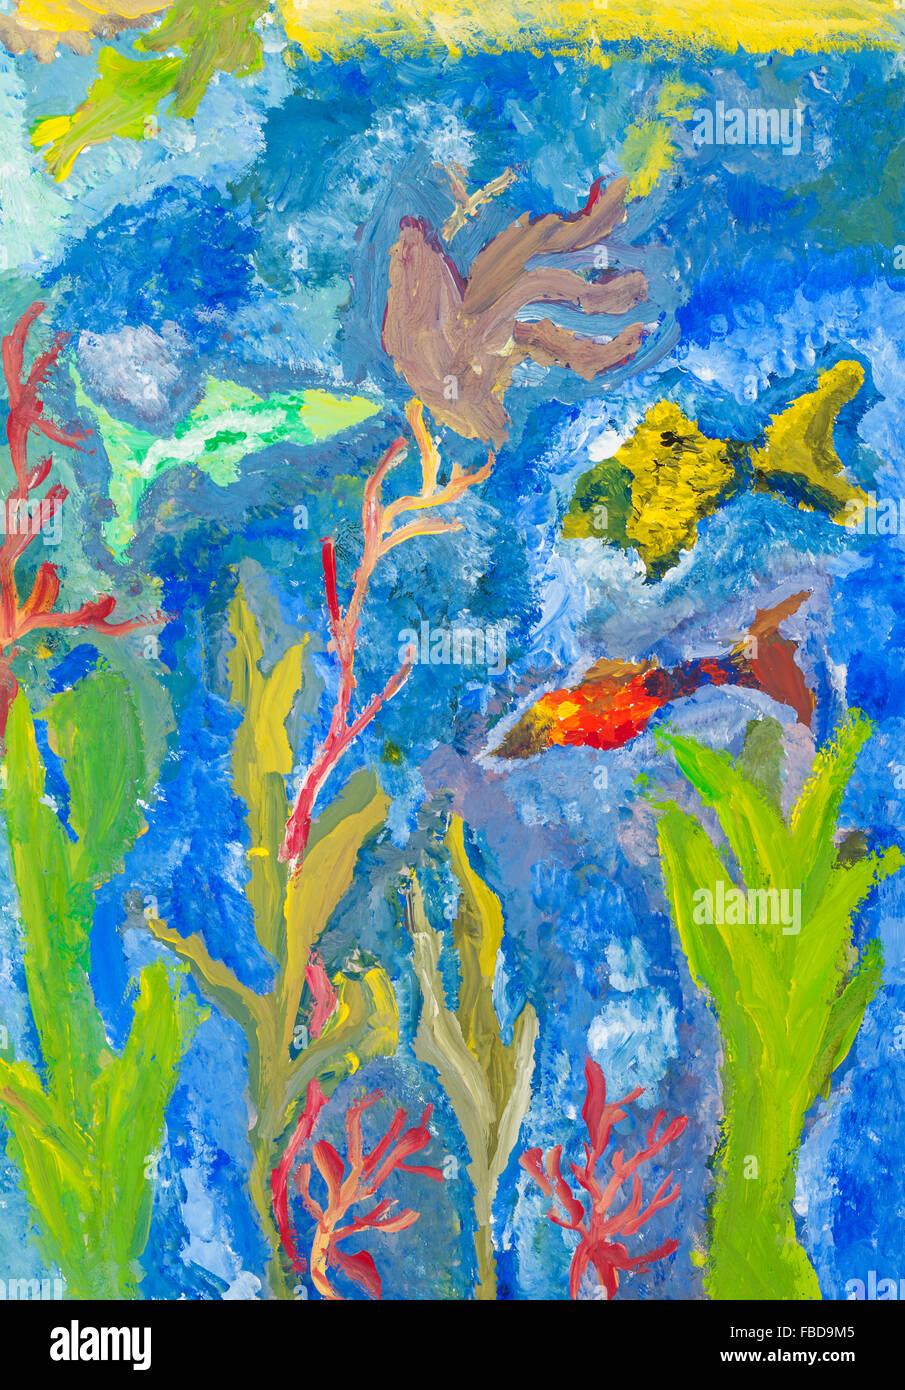 Bambino Disegno Di Pesci E Alghe Marine In Mare Da Acquerello